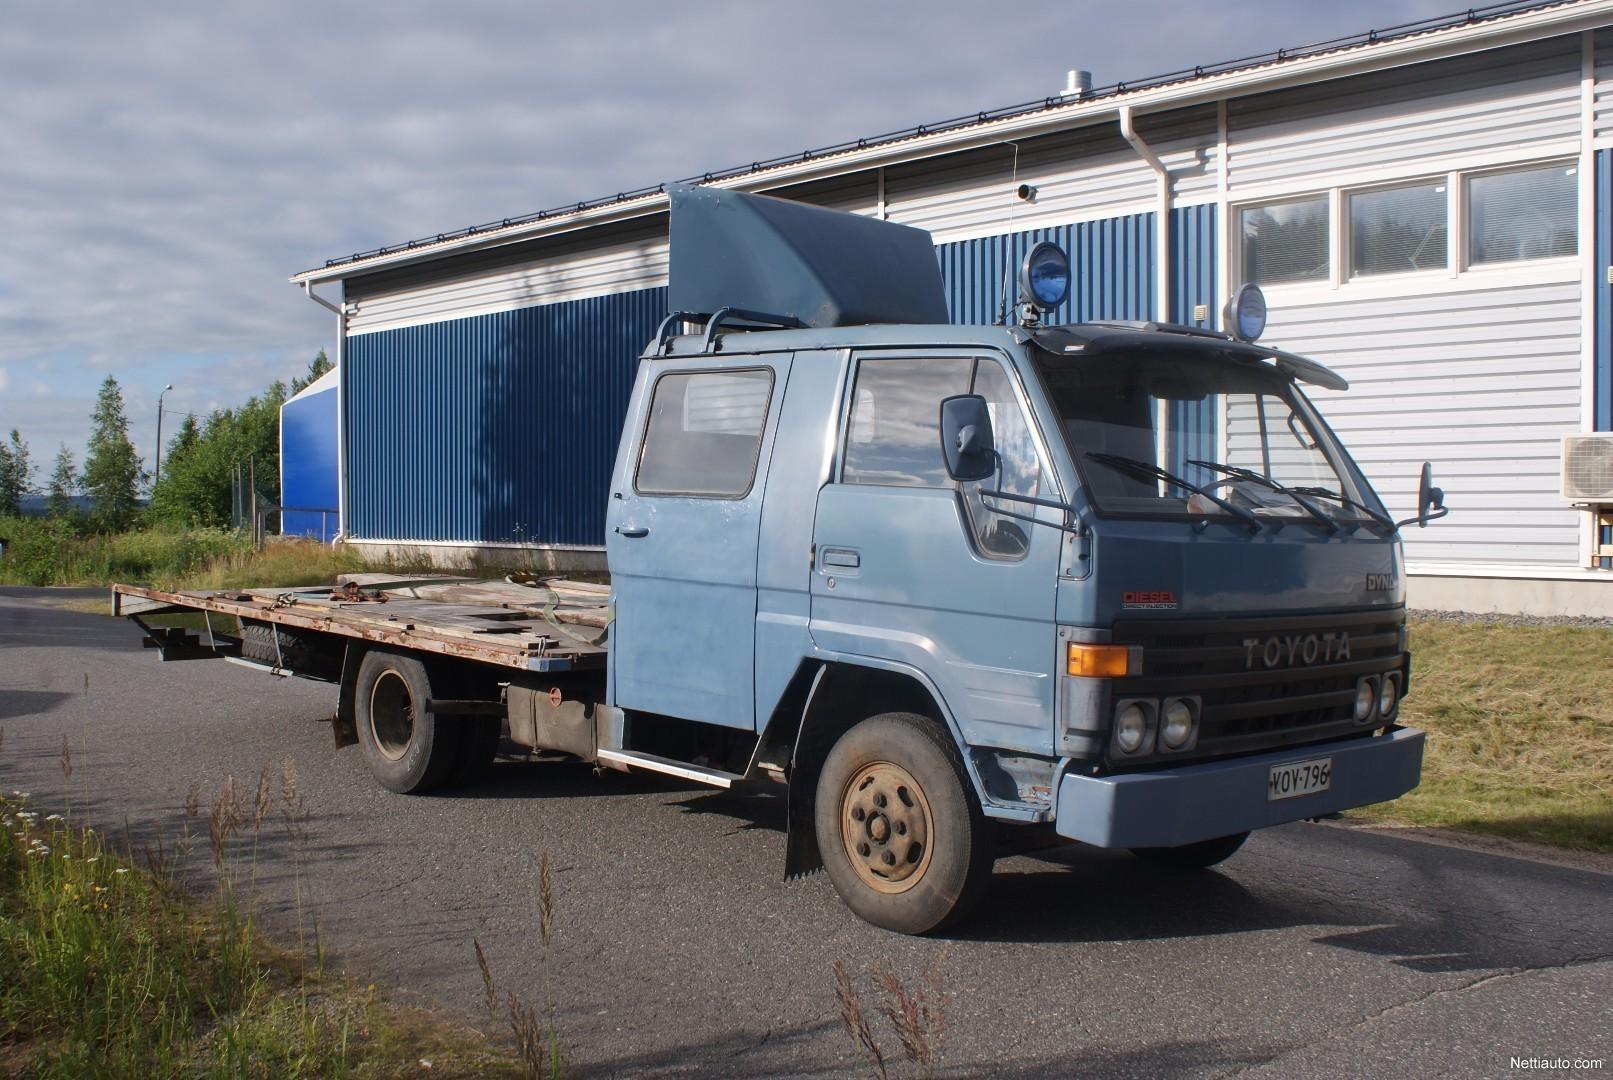 Toyota Dyna *AUTON KULJETUS* Leimaa 8/2018 RAHOITUS ALKAEN 0e Pickup 1985 - Used vehicle - Nettiauto